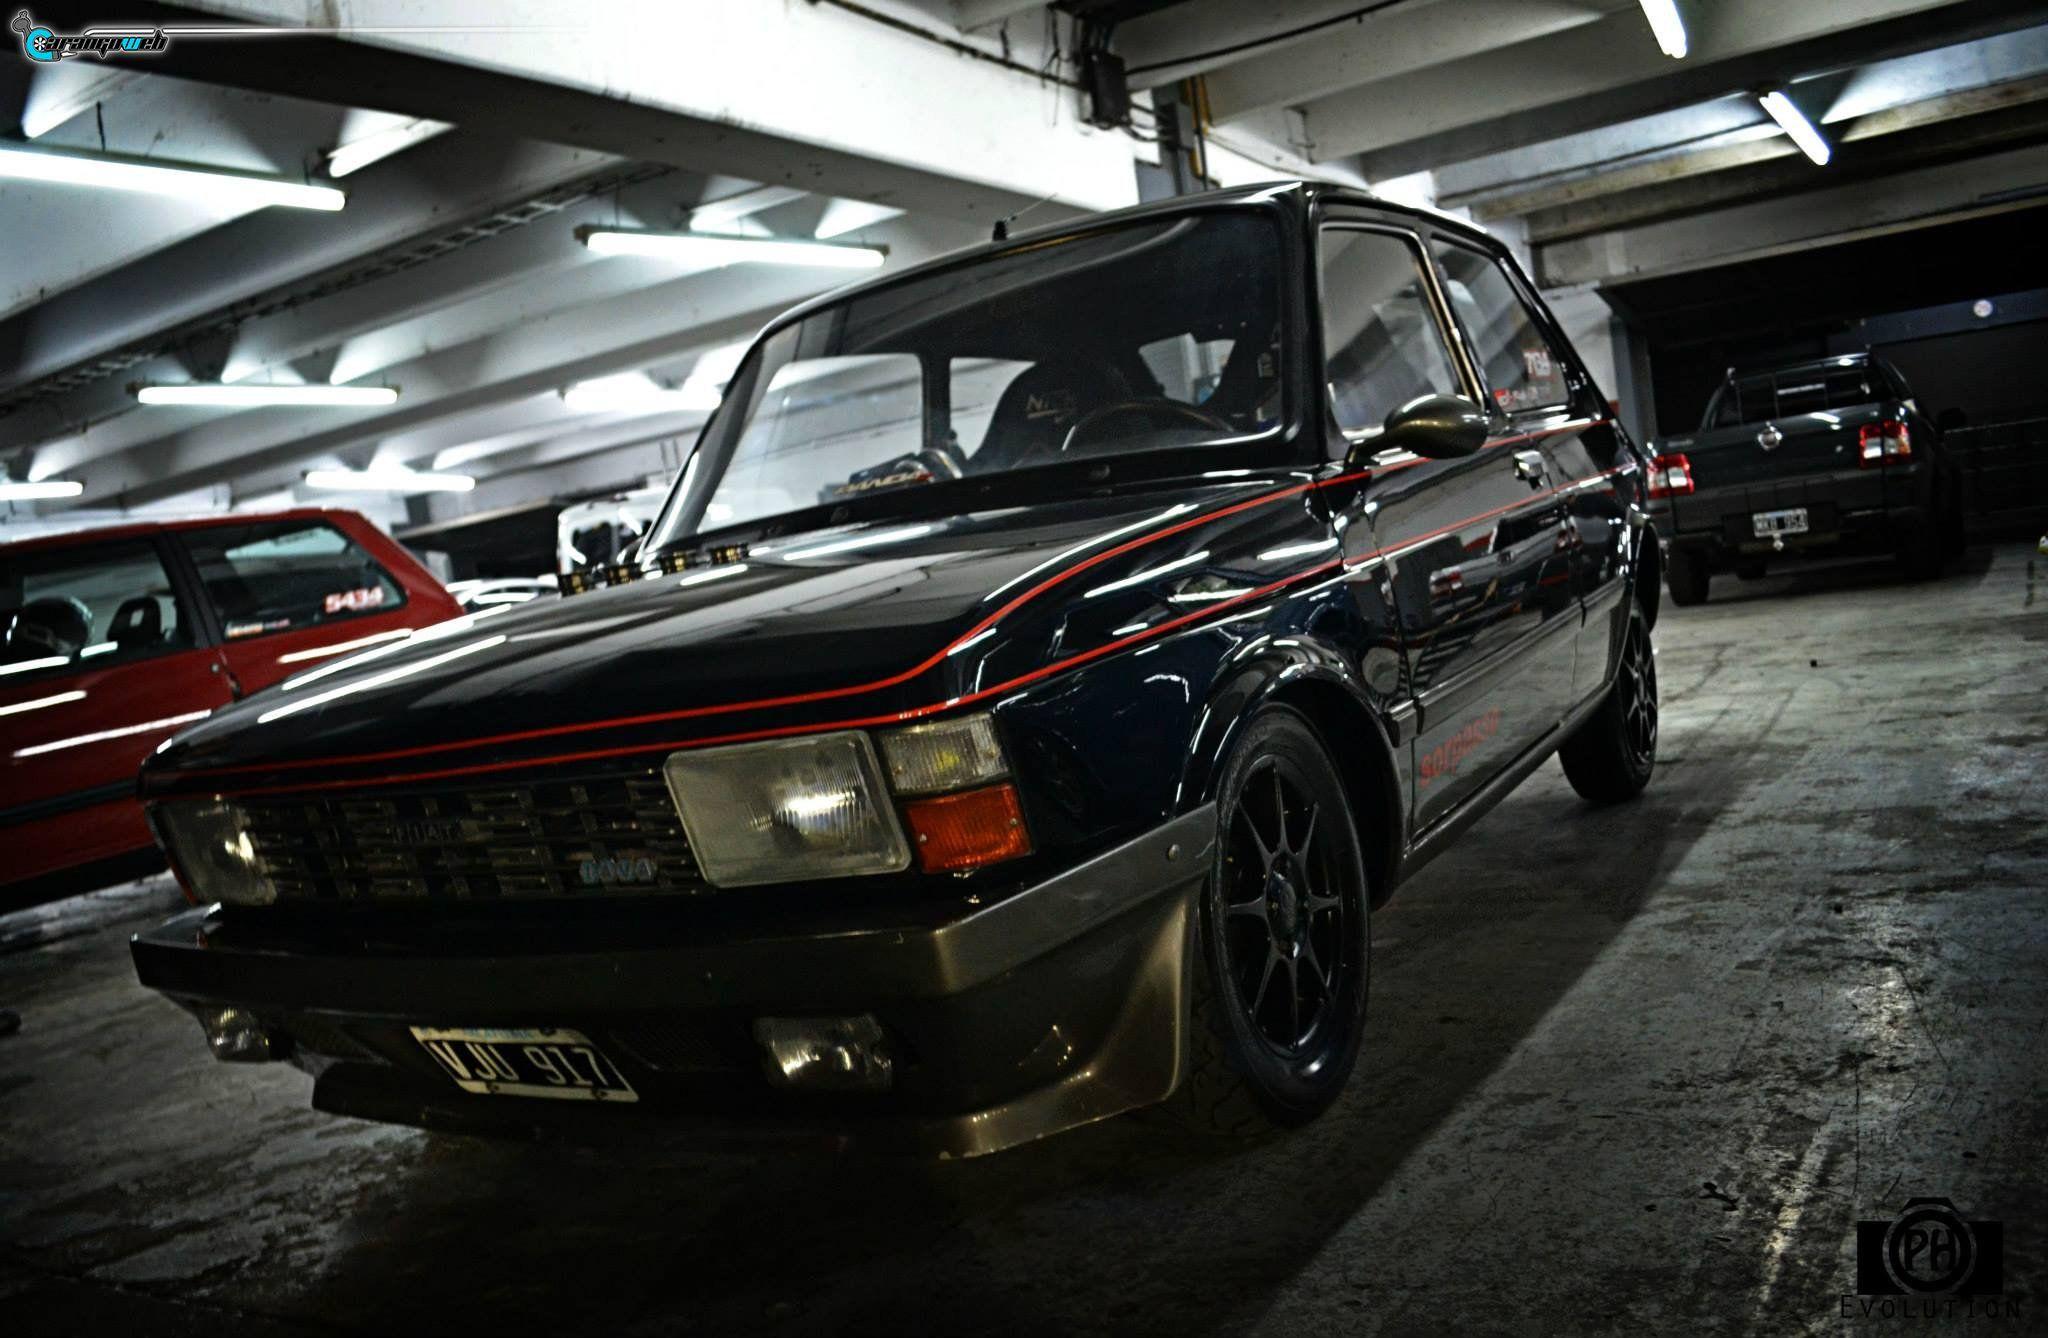 Fiat 147 Aspirado Visual Exterior Top Auto Carros